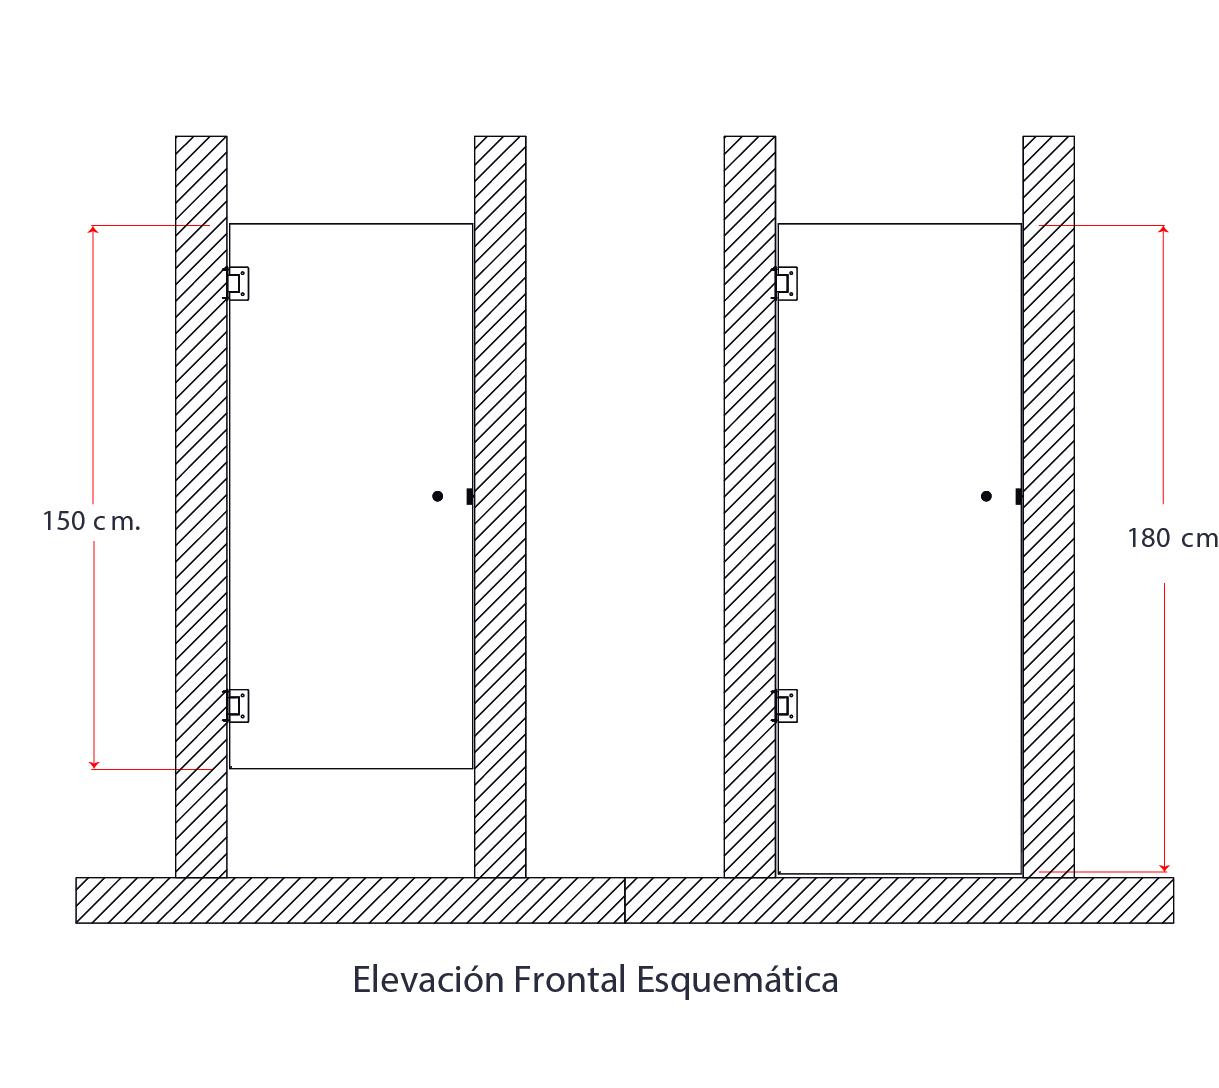 esquema 1 showerdoor fenolico sysprotec